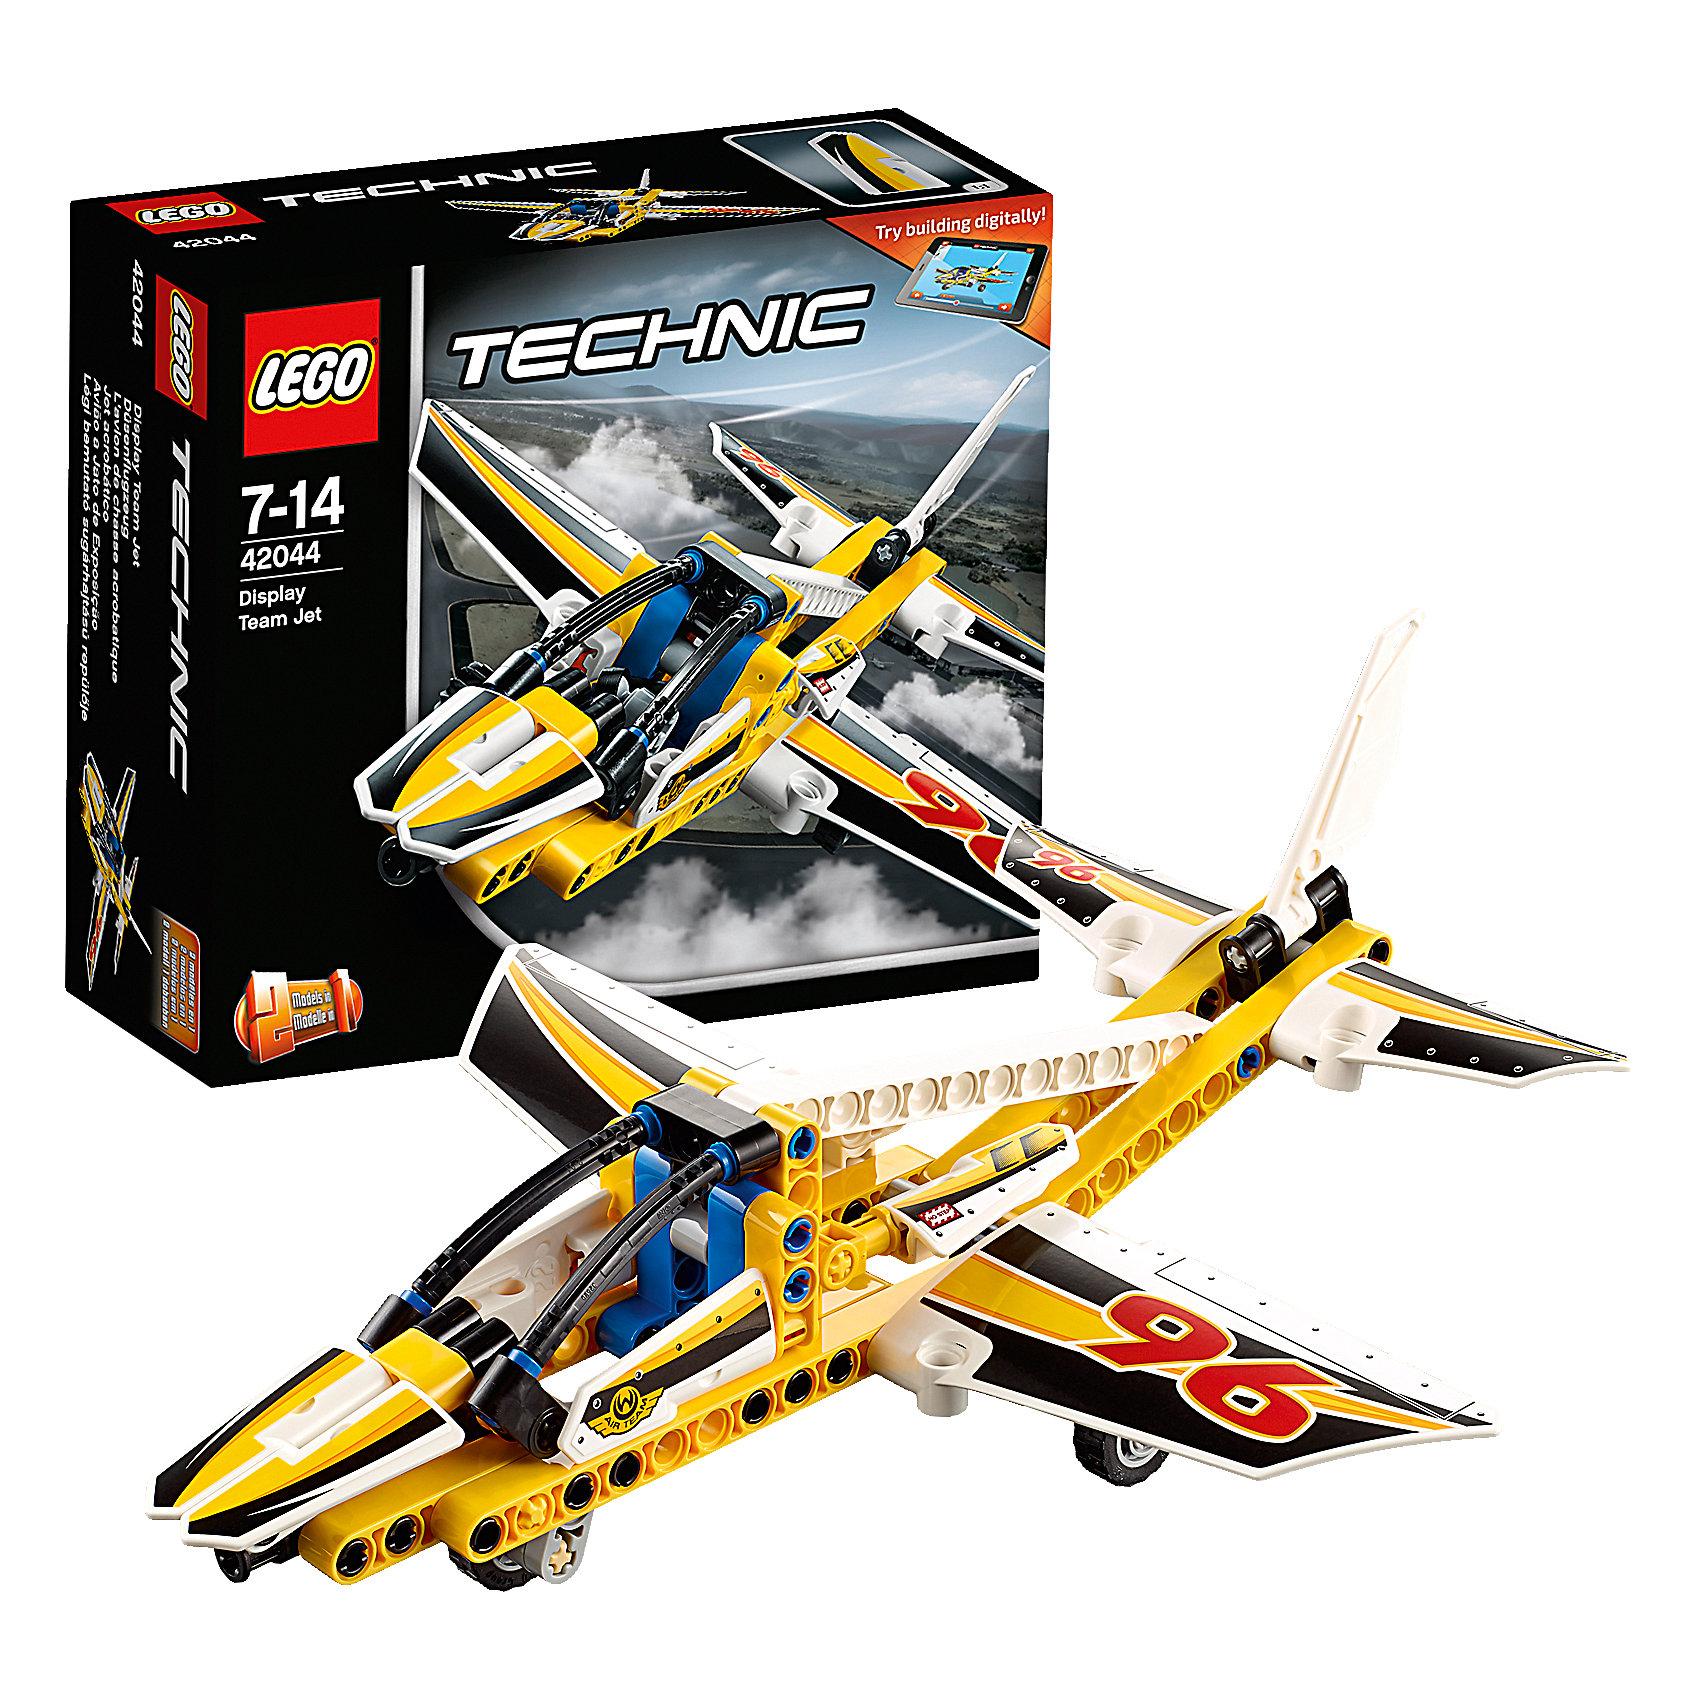 LEGO Technic 42044: Самолёт пилотажной группыПластмассовые конструкторы<br>Наслаждайся приключениями в воздухе с этим высокотехнологичным, аэродинамичным самолётом. Удивительная модель 2-в-1 имеет большую кабину, убирающиеся шасси, раскрашена в яркие цвета со спортивными черно-белыми гоночными наклейками-шашечками. Когда будешь готов к новой задаче, собери спортивный самолёт для высшего пилотажа. Доступно интерактивное интернет-приложение с цифровыми 3D-инструкциями по сборке LEGO для обеих моделей!<br><br>LEGO Technic  (Лего Техник) - серия конструкторов, позволяющая собрать функциональные, подробные, прекрасно детализированные, имеющие множество подвижных узлов, транспортные средства. В этой серии найдется техника на любой вкус: тракторы и экскаваторы, внедорожники и квадроциклы, самосвалы и гоночные автомобили. Даже самые простые из конструкторов lego technic дают вашему ребенку представление о том, как устроены машины, помогают развить моторику, мышление и умение работать по инструкции. <br><br>Дополнительная информация:<br><br>- Конструкторы ЛЕГО развивают усидчивость, внимание, фантазию и мелкую моторику. <br>- Комплектация: самолет.<br>- Количество деталей: 113.<br>- Серия LEGO Technic  (Лего Техник).<br>- Материал: пластик.<br>- Размер упаковки: 16х6х14 см.<br>- Вес: 0.195 кг.<br><br>LEGO Technic 42044: Самолёт пилотажной группы можно купить в нашем магазине.<br><br>Ширина мм: 160<br>Глубина мм: 142<br>Высота мм: 60<br>Вес г: 192<br>Возраст от месяцев: 84<br>Возраст до месяцев: 168<br>Пол: Мужской<br>Возраст: Детский<br>SKU: 4259017